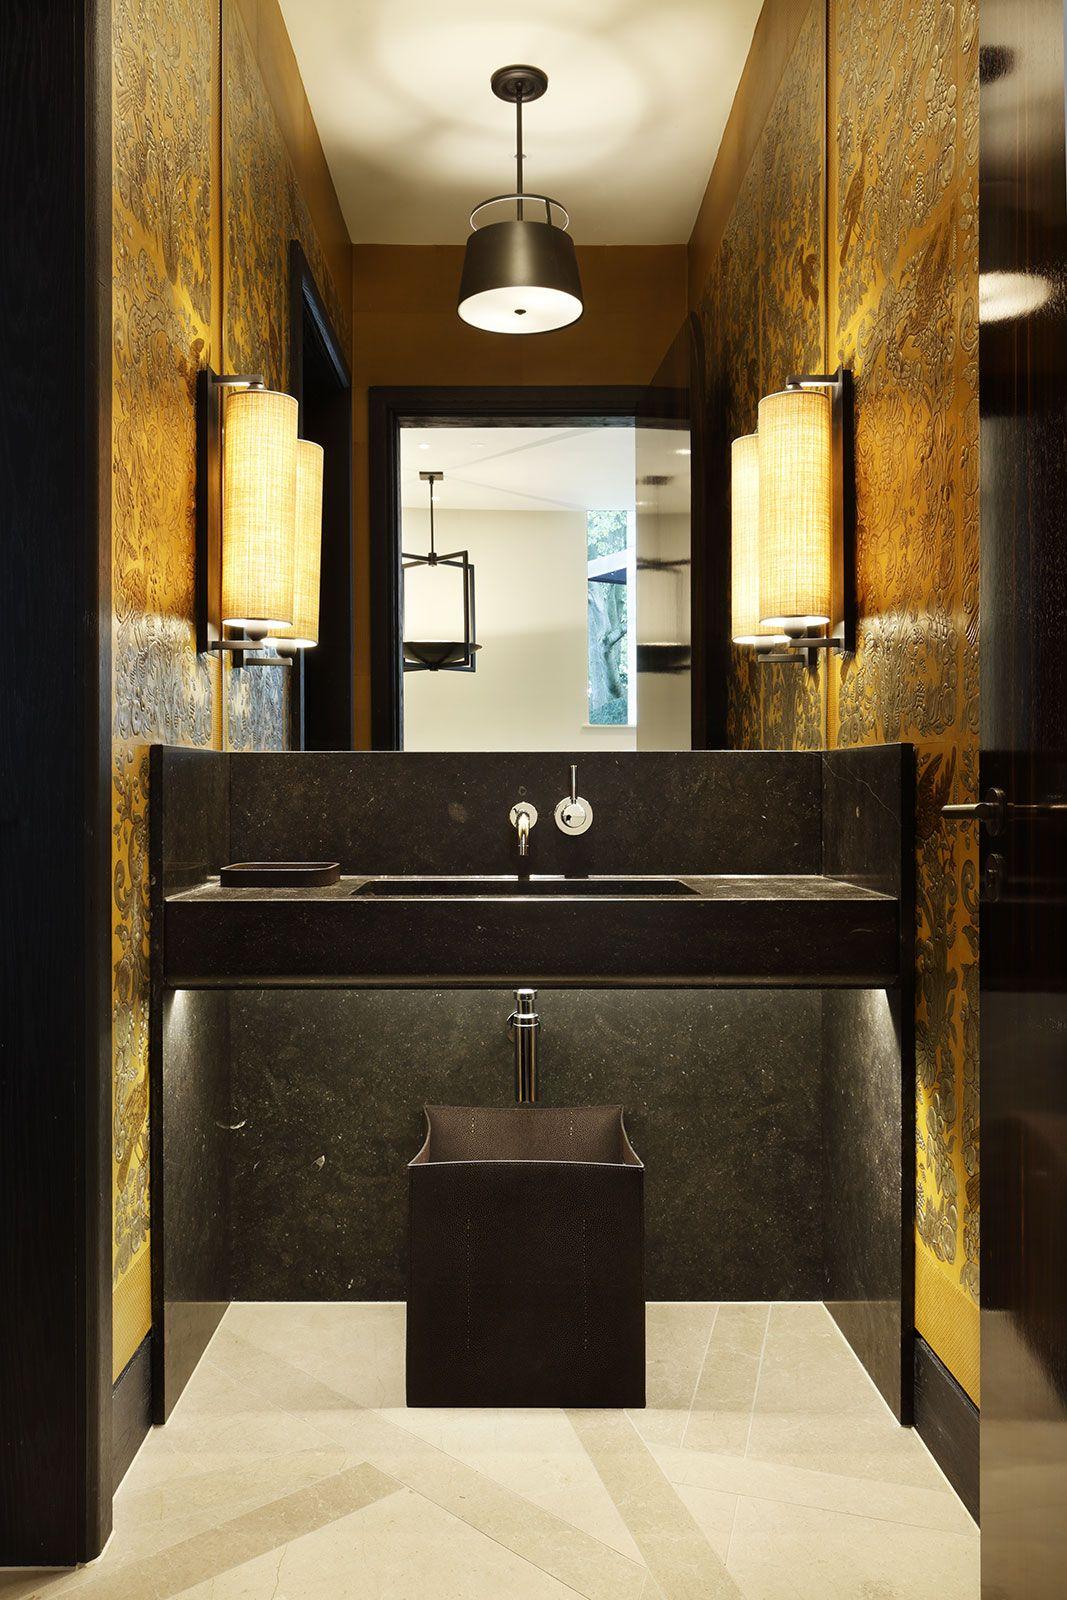 Waschtisch Schwarz Bernstein Badezimmer Einrichtung Haus Wandgestaltung